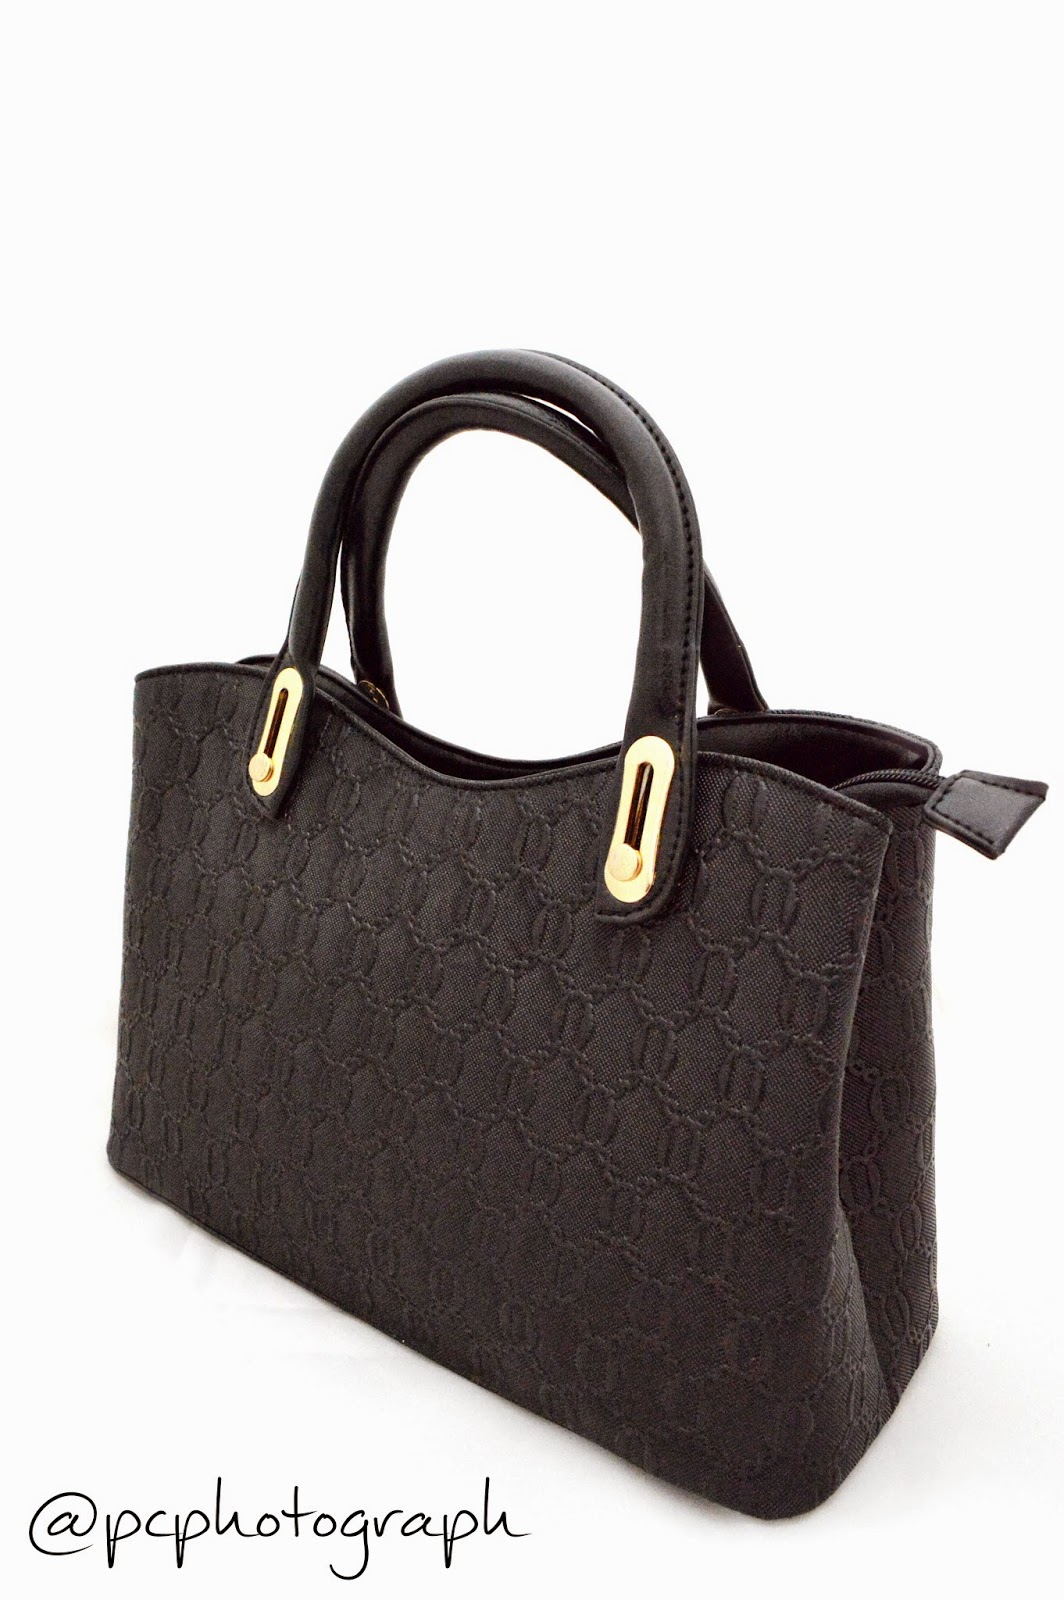 Grosir tas korea terbesar yang berada dibatam menjual berbagai macam tas fashion yang berkualitas dan unik menerima dropshipper serta reseller sebagai media partner kunjungi kami lebih lanjut